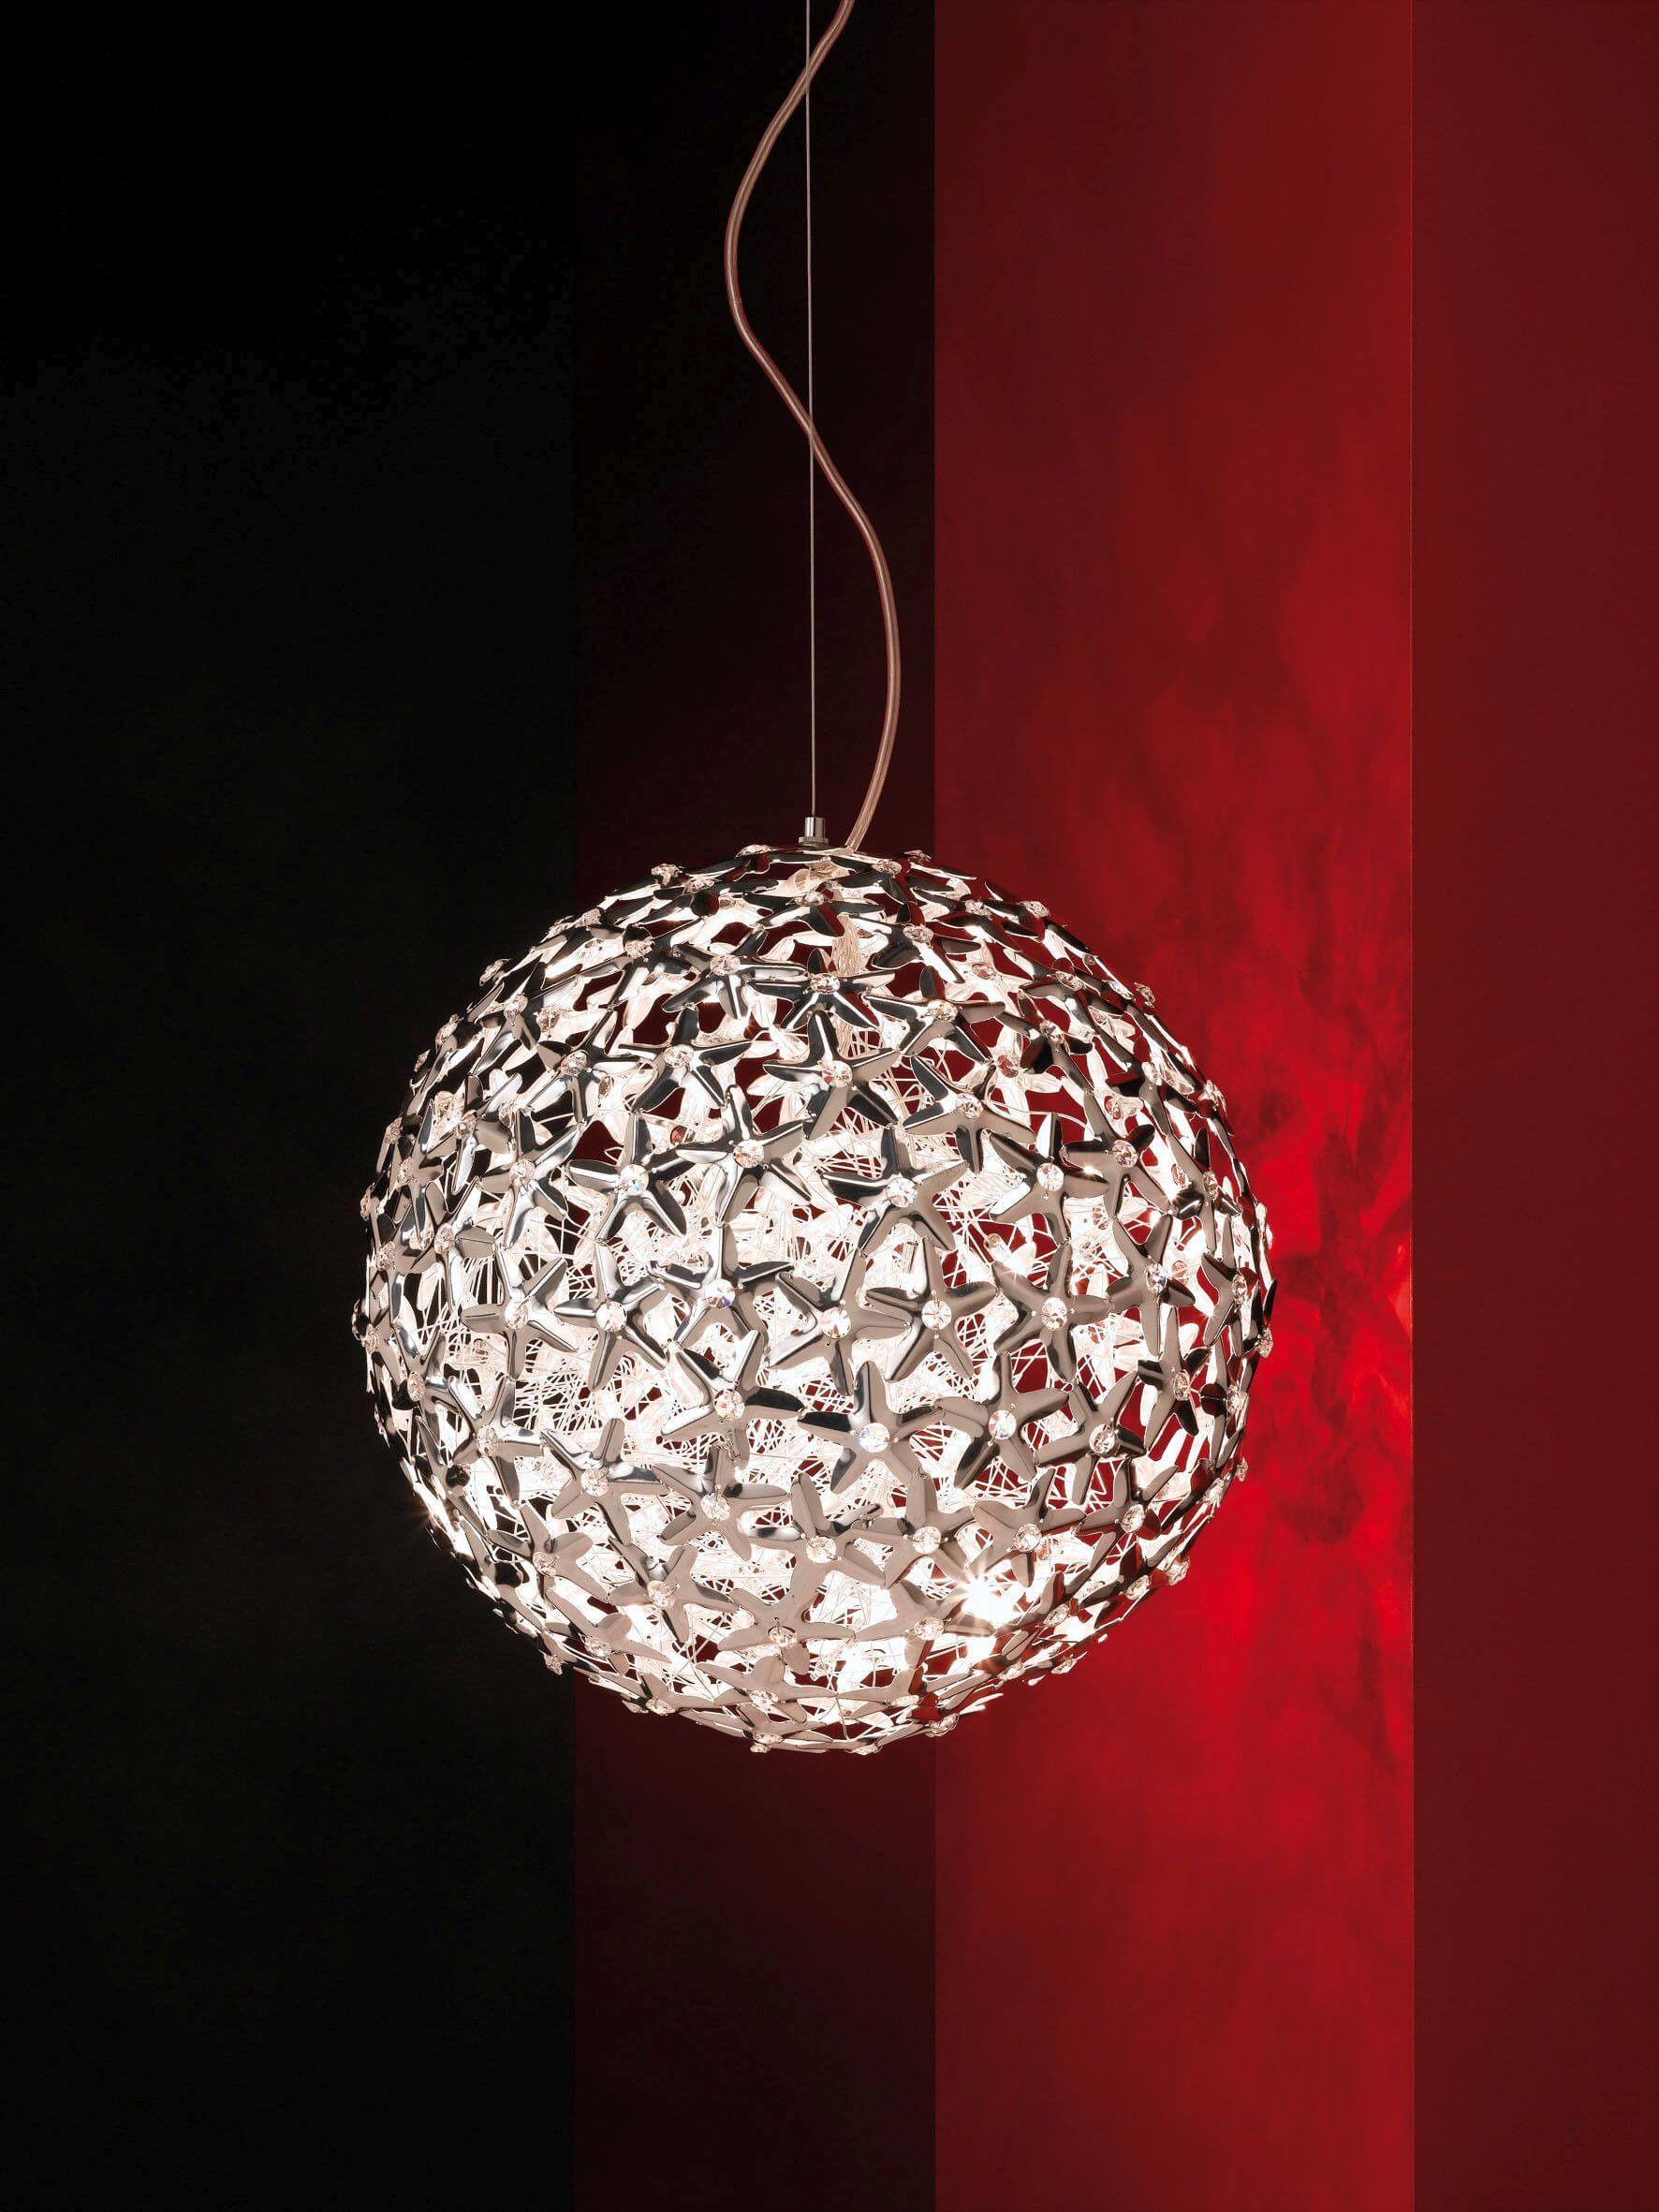 Kugellampe für ein elegantes Schlafzimmer (mit Bildern